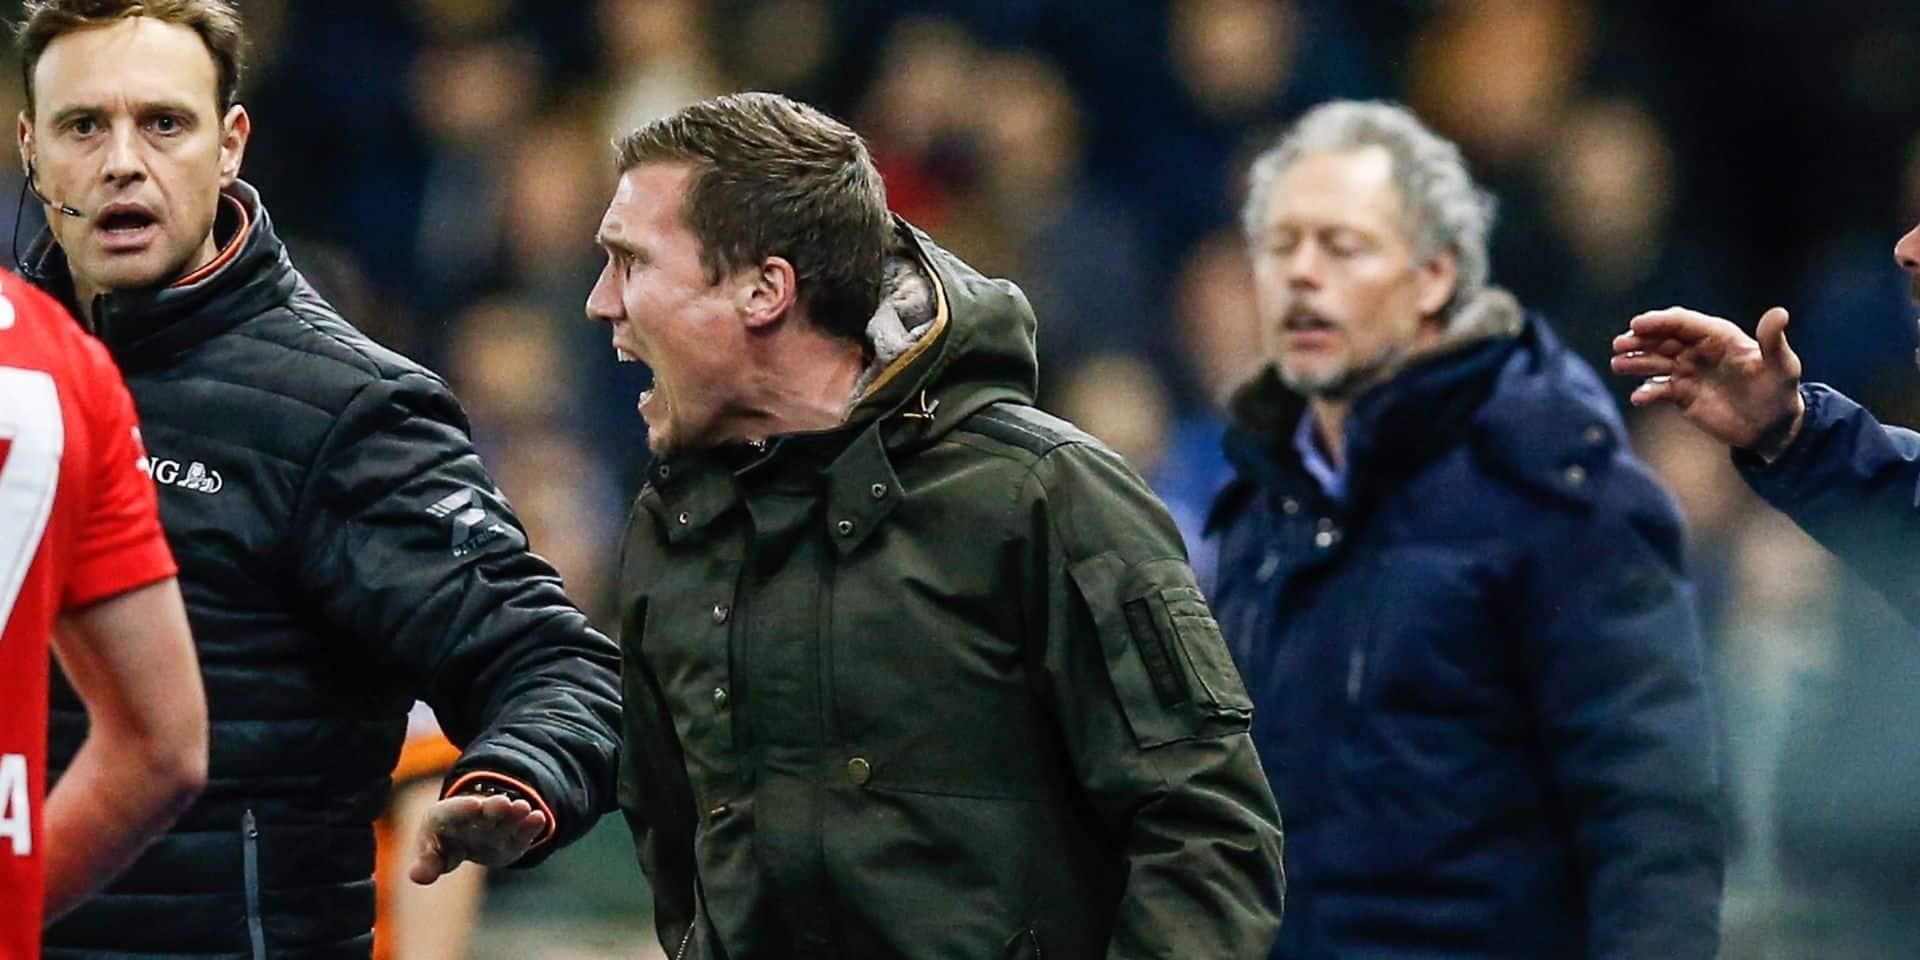 """L'entraîneur de Genk, Hannes Wolf, est en colère: """" Je n'aime pas me plaindre de l'arbitrage, mais aujourd'hui c'est trop !"""""""